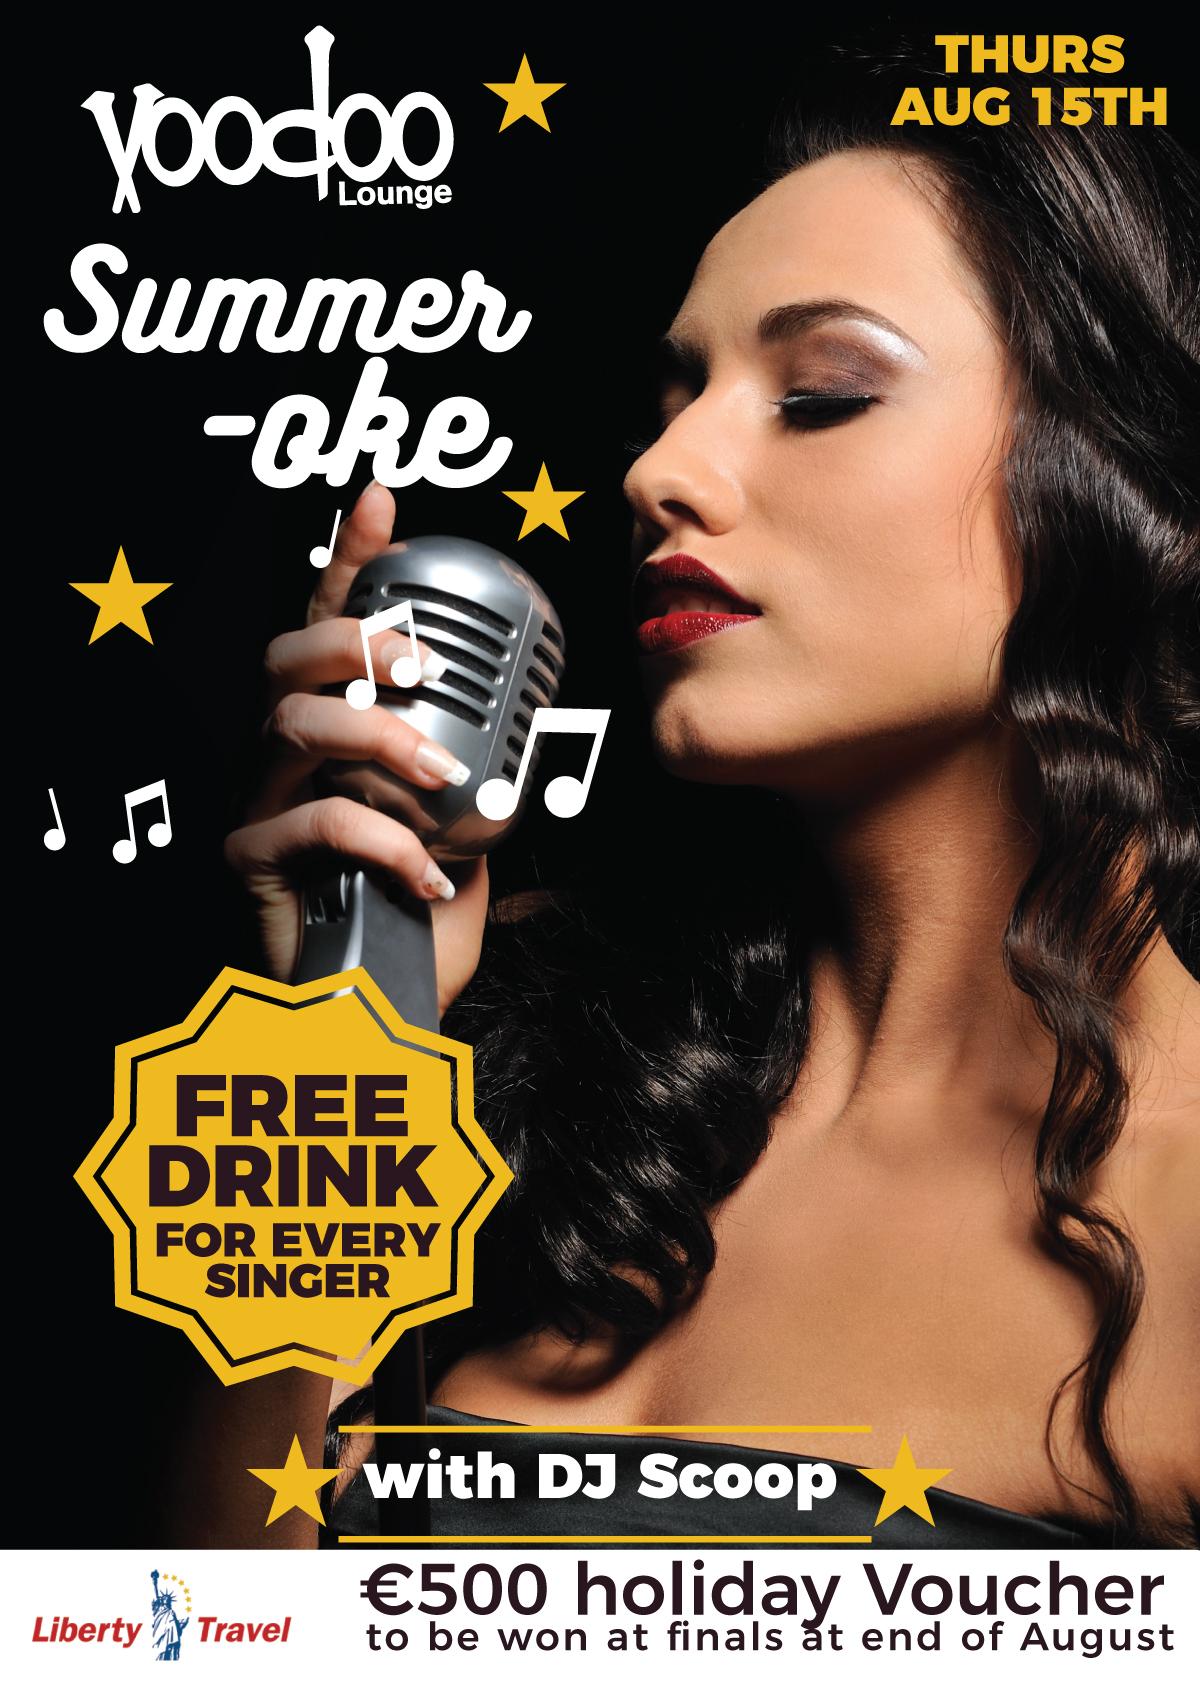 voodoo-lounge---summer-karaoke-with-dj-scoop-thurs-aug-15-2019.jpg